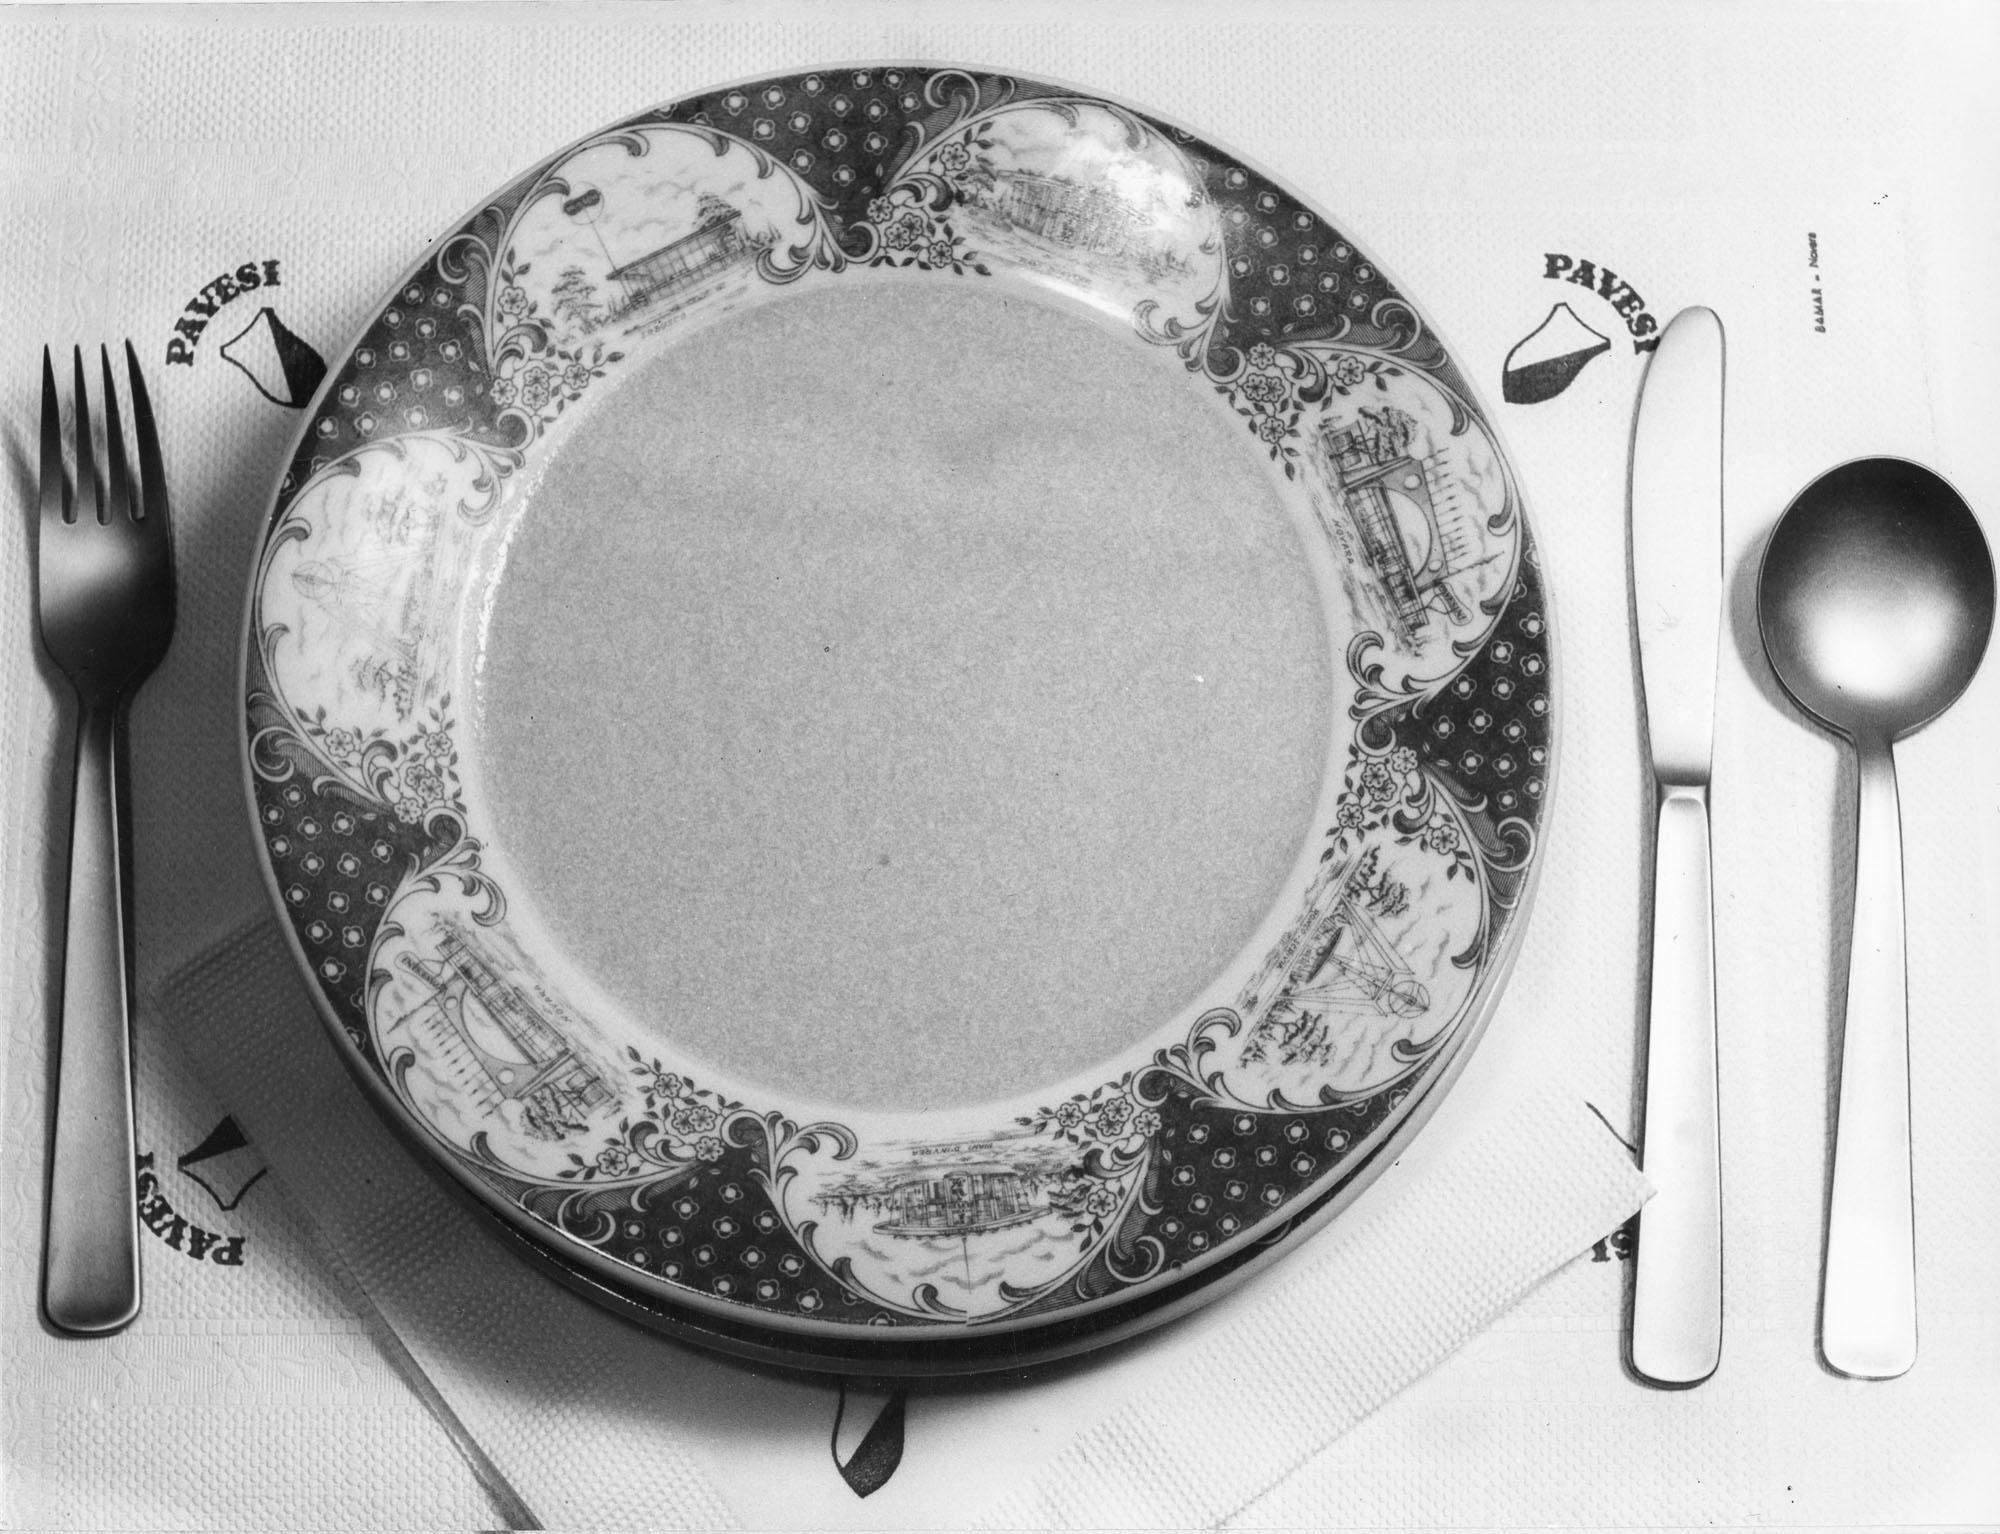 Un piatto personalizzato degli Autogrill Pavesi